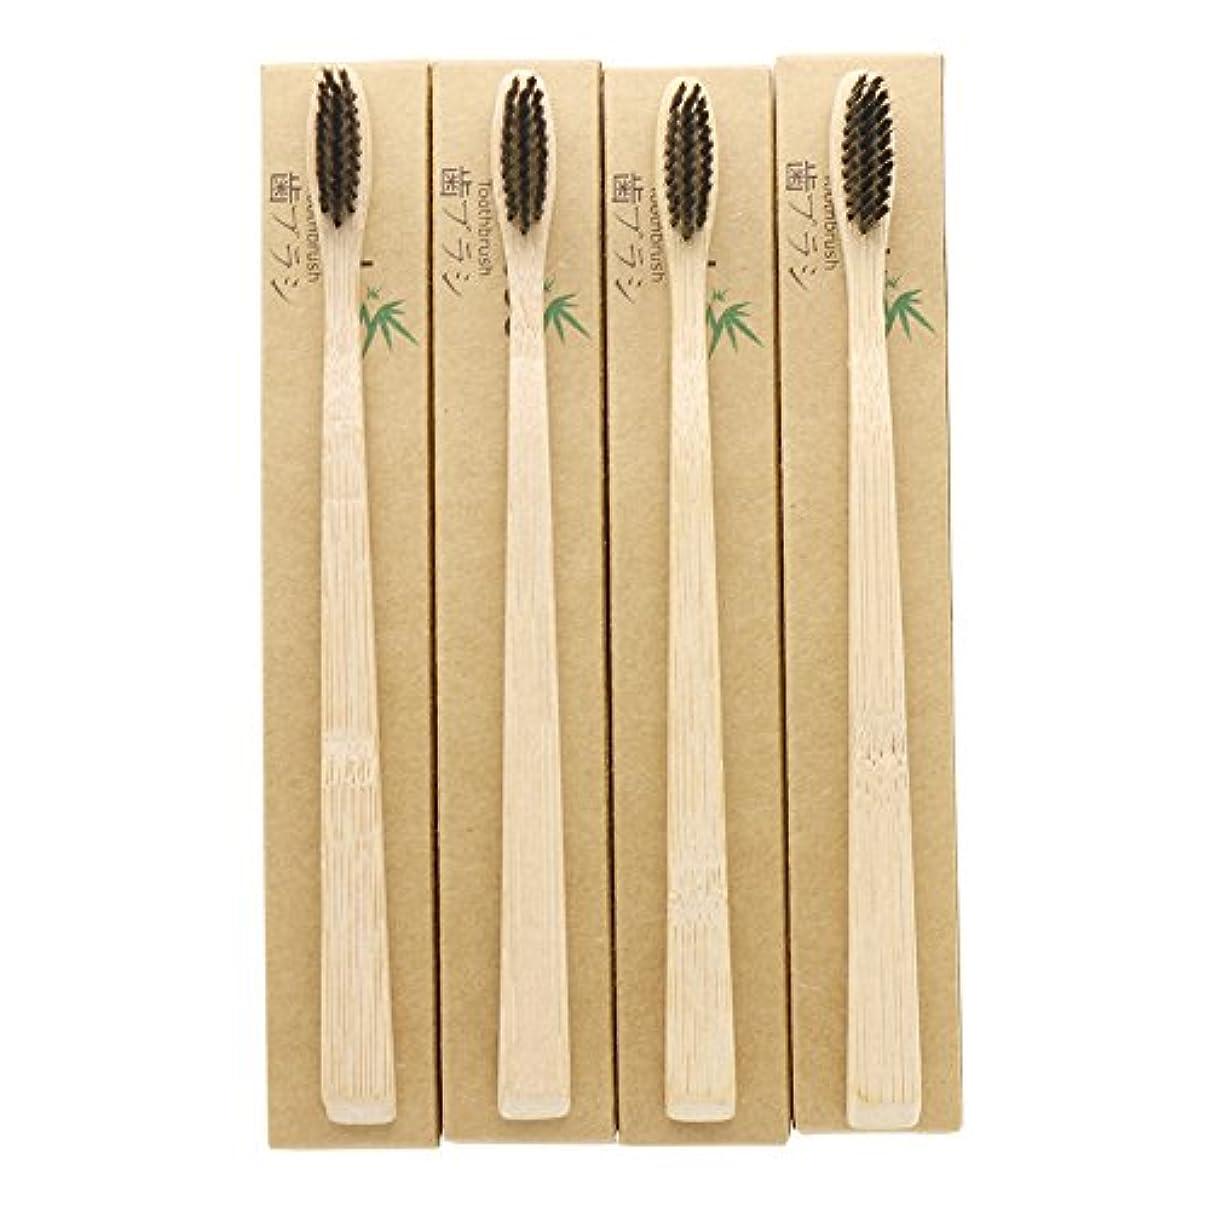 神社聞きますお誕生日N-amboo 竹製耐久度高い 歯ブラシ 黒い ハンドル小さい 4本入りセット